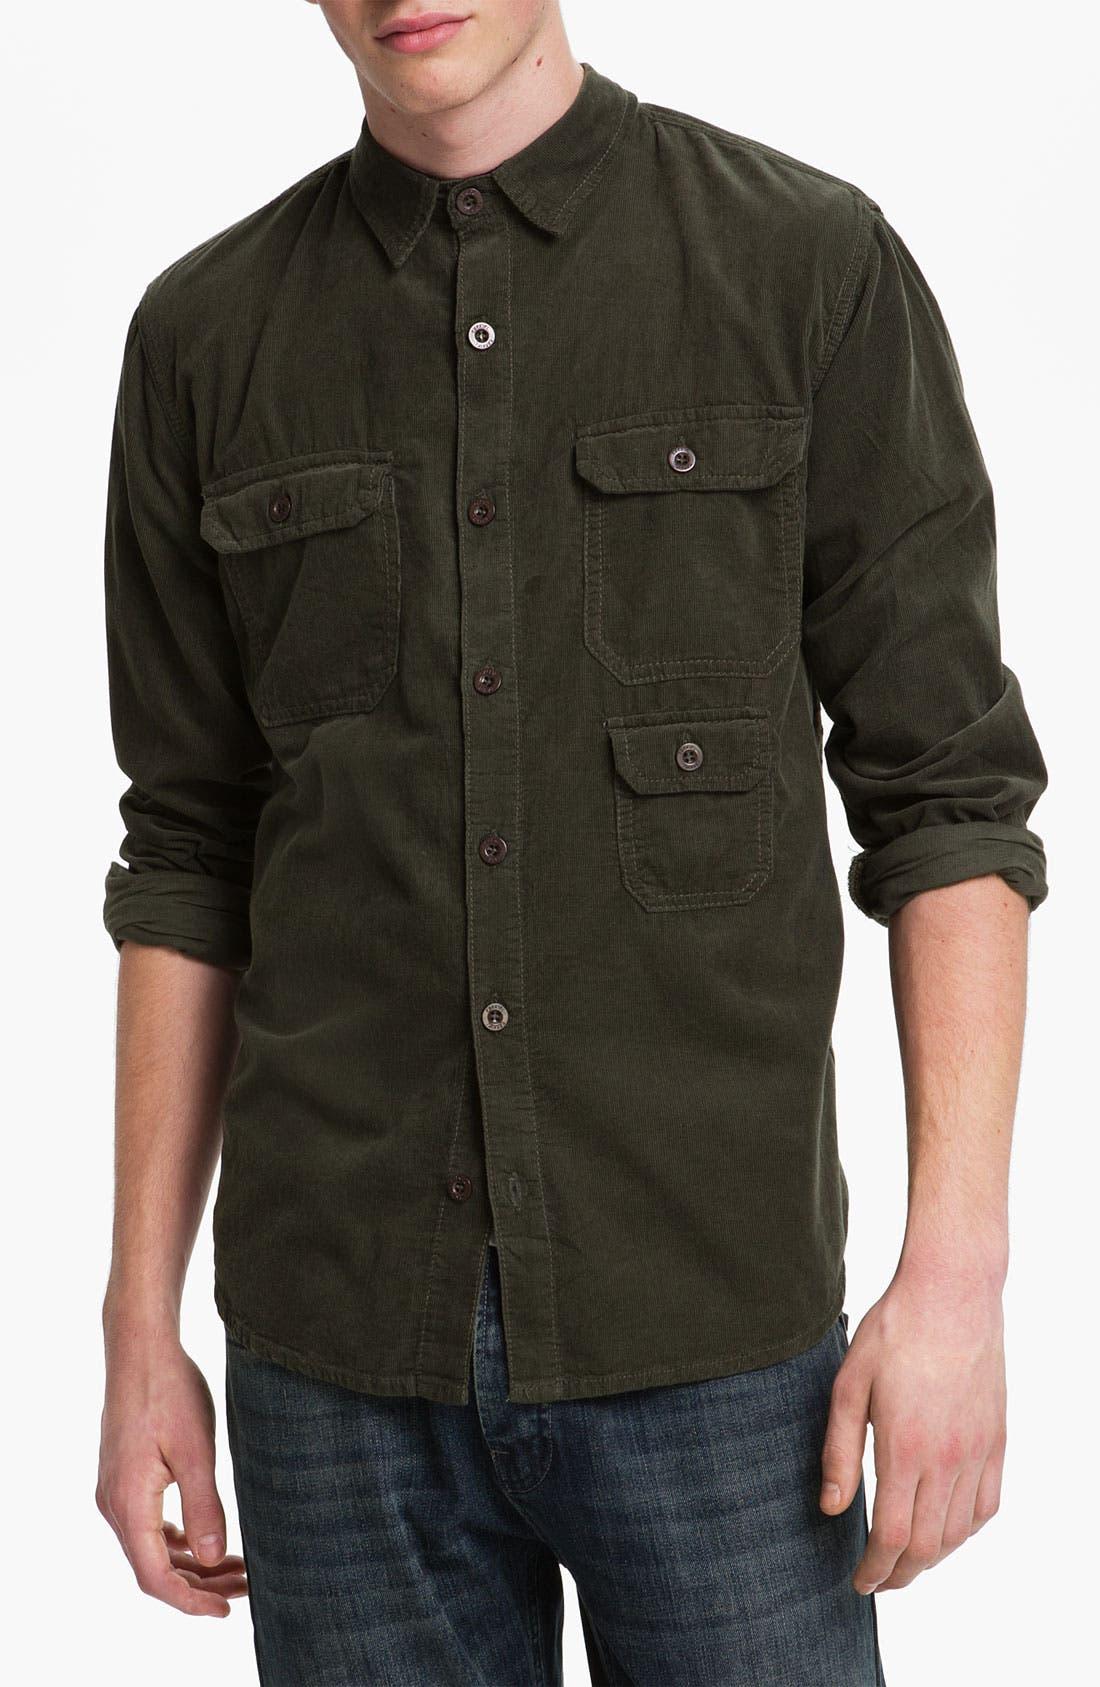 Alternate Image 1 Selected - Ezekiel 'Corky' Corduroy Shirt